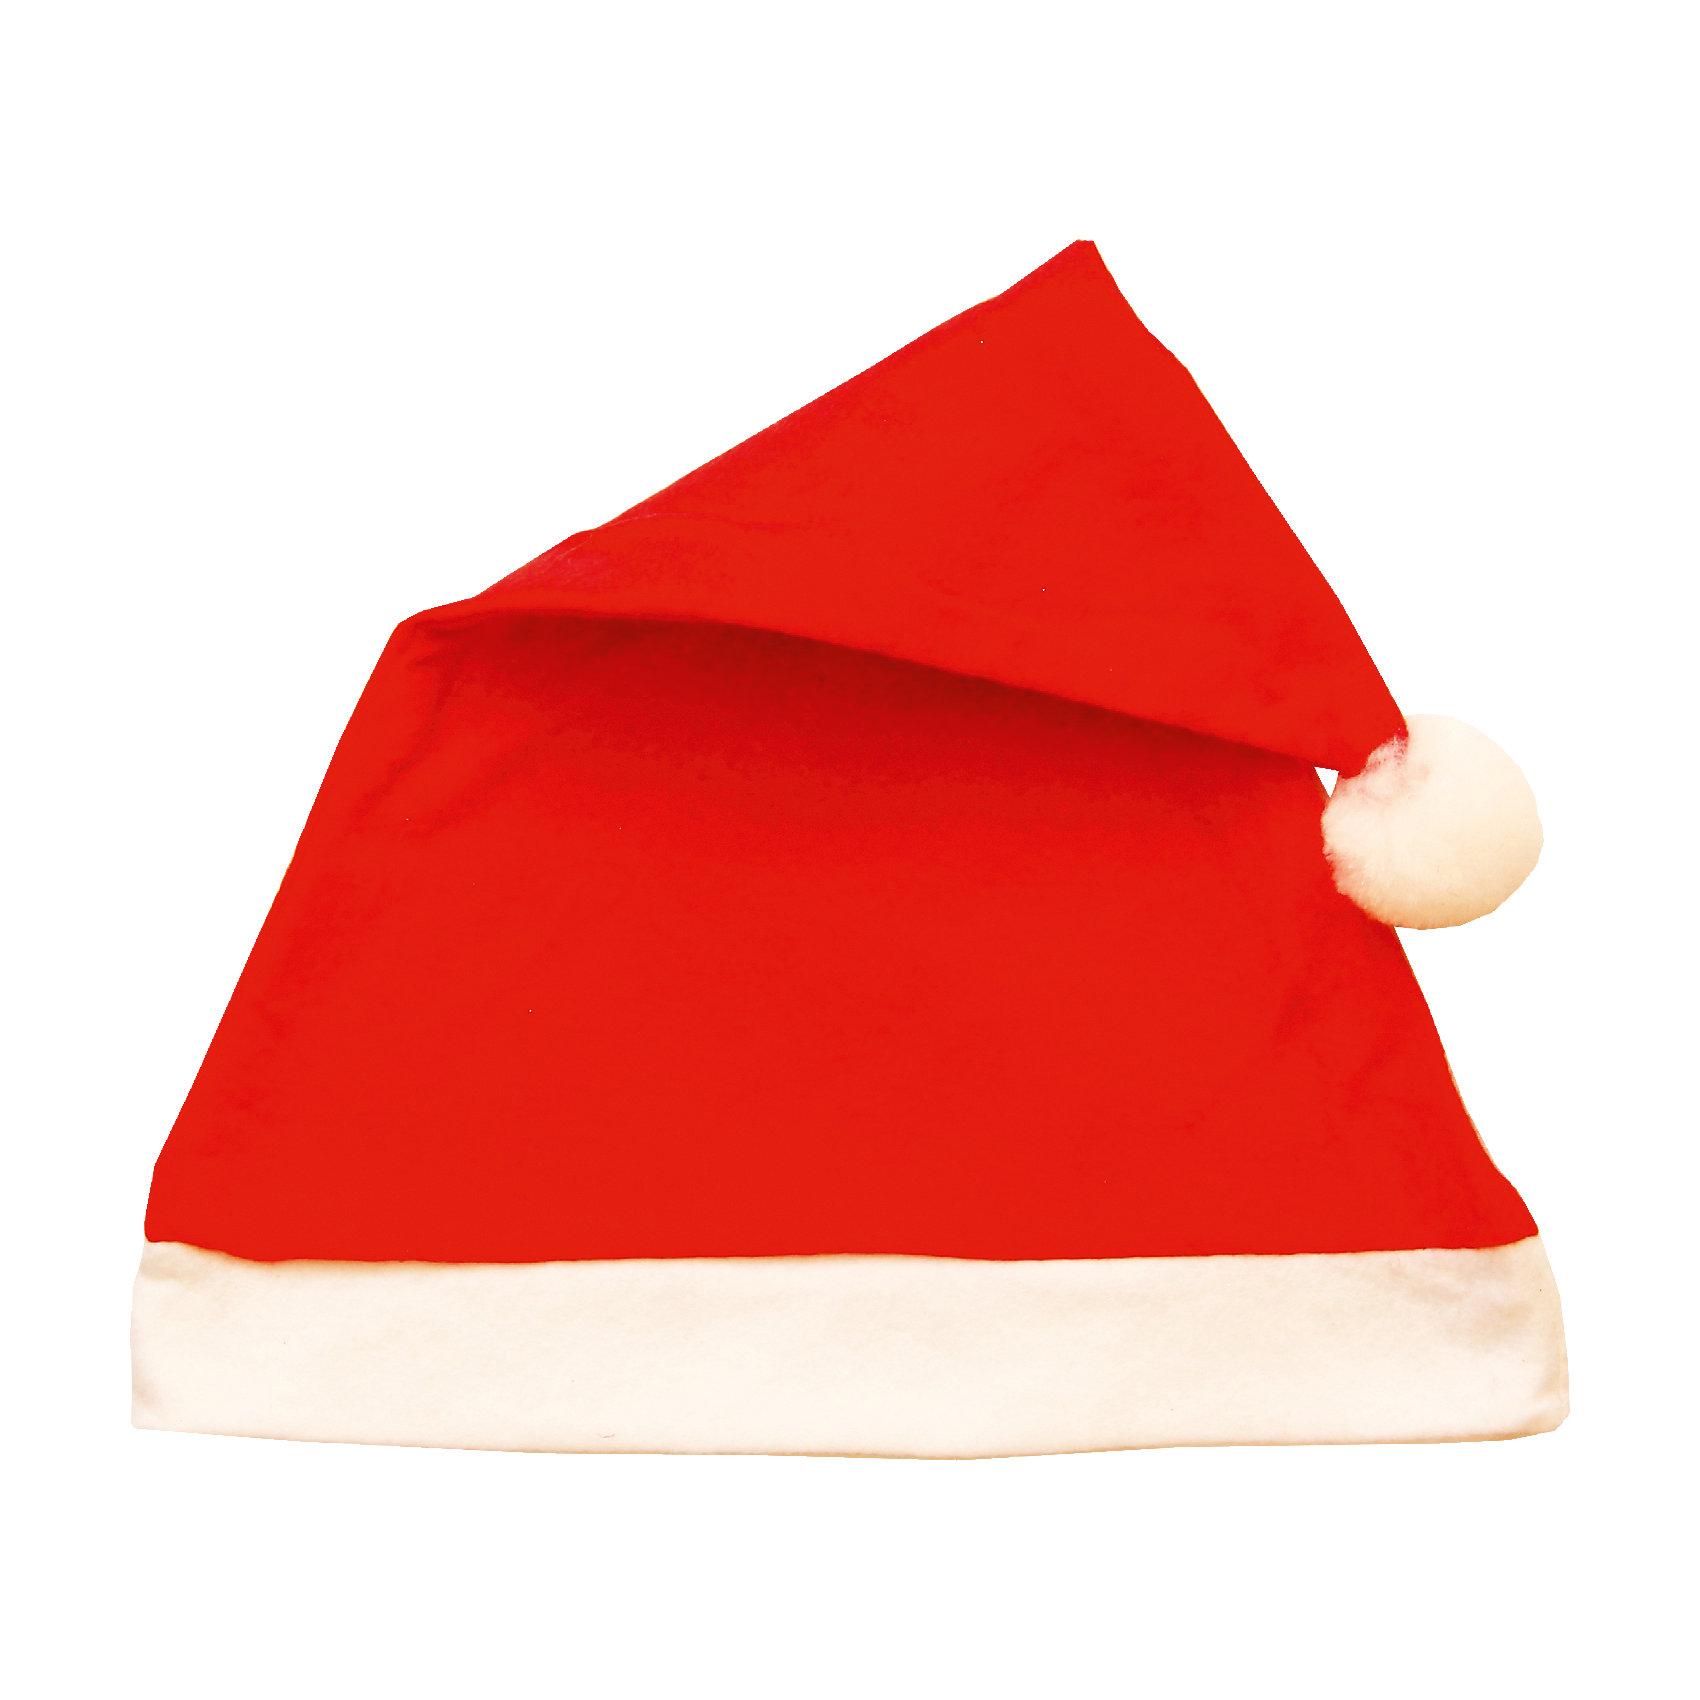 Новогодний колпак СантаМаски и карнавальные костюмы<br>Новогодний колпак Санта – это возможность превратить праздник в необычное, яркое шоу.<br>Новогодний колпак Санта развеселит вас и ваших друзей в праздничную ночь. Пусть он не сделает вас волшебным дедом Морозом, но зато с ним даже обычная одежда превратится в новогодний наряд! Радуйте себя и родных, дарите подарки и хорошее настроение!<br><br>Дополнительная информация:<br><br>- Размер: 28 х 38 см.<br>- Материал: синтетический фетр<br><br>Новогодний колпак Санта можно купить в нашем интернет-магазине.<br><br>Ширина мм: 280<br>Глубина мм: 380<br>Высота мм: 20<br>Вес г: 21<br>Возраст от месяцев: 72<br>Возраст до месяцев: 96<br>Пол: Унисекс<br>Возраст: Детский<br>SKU: 4280630